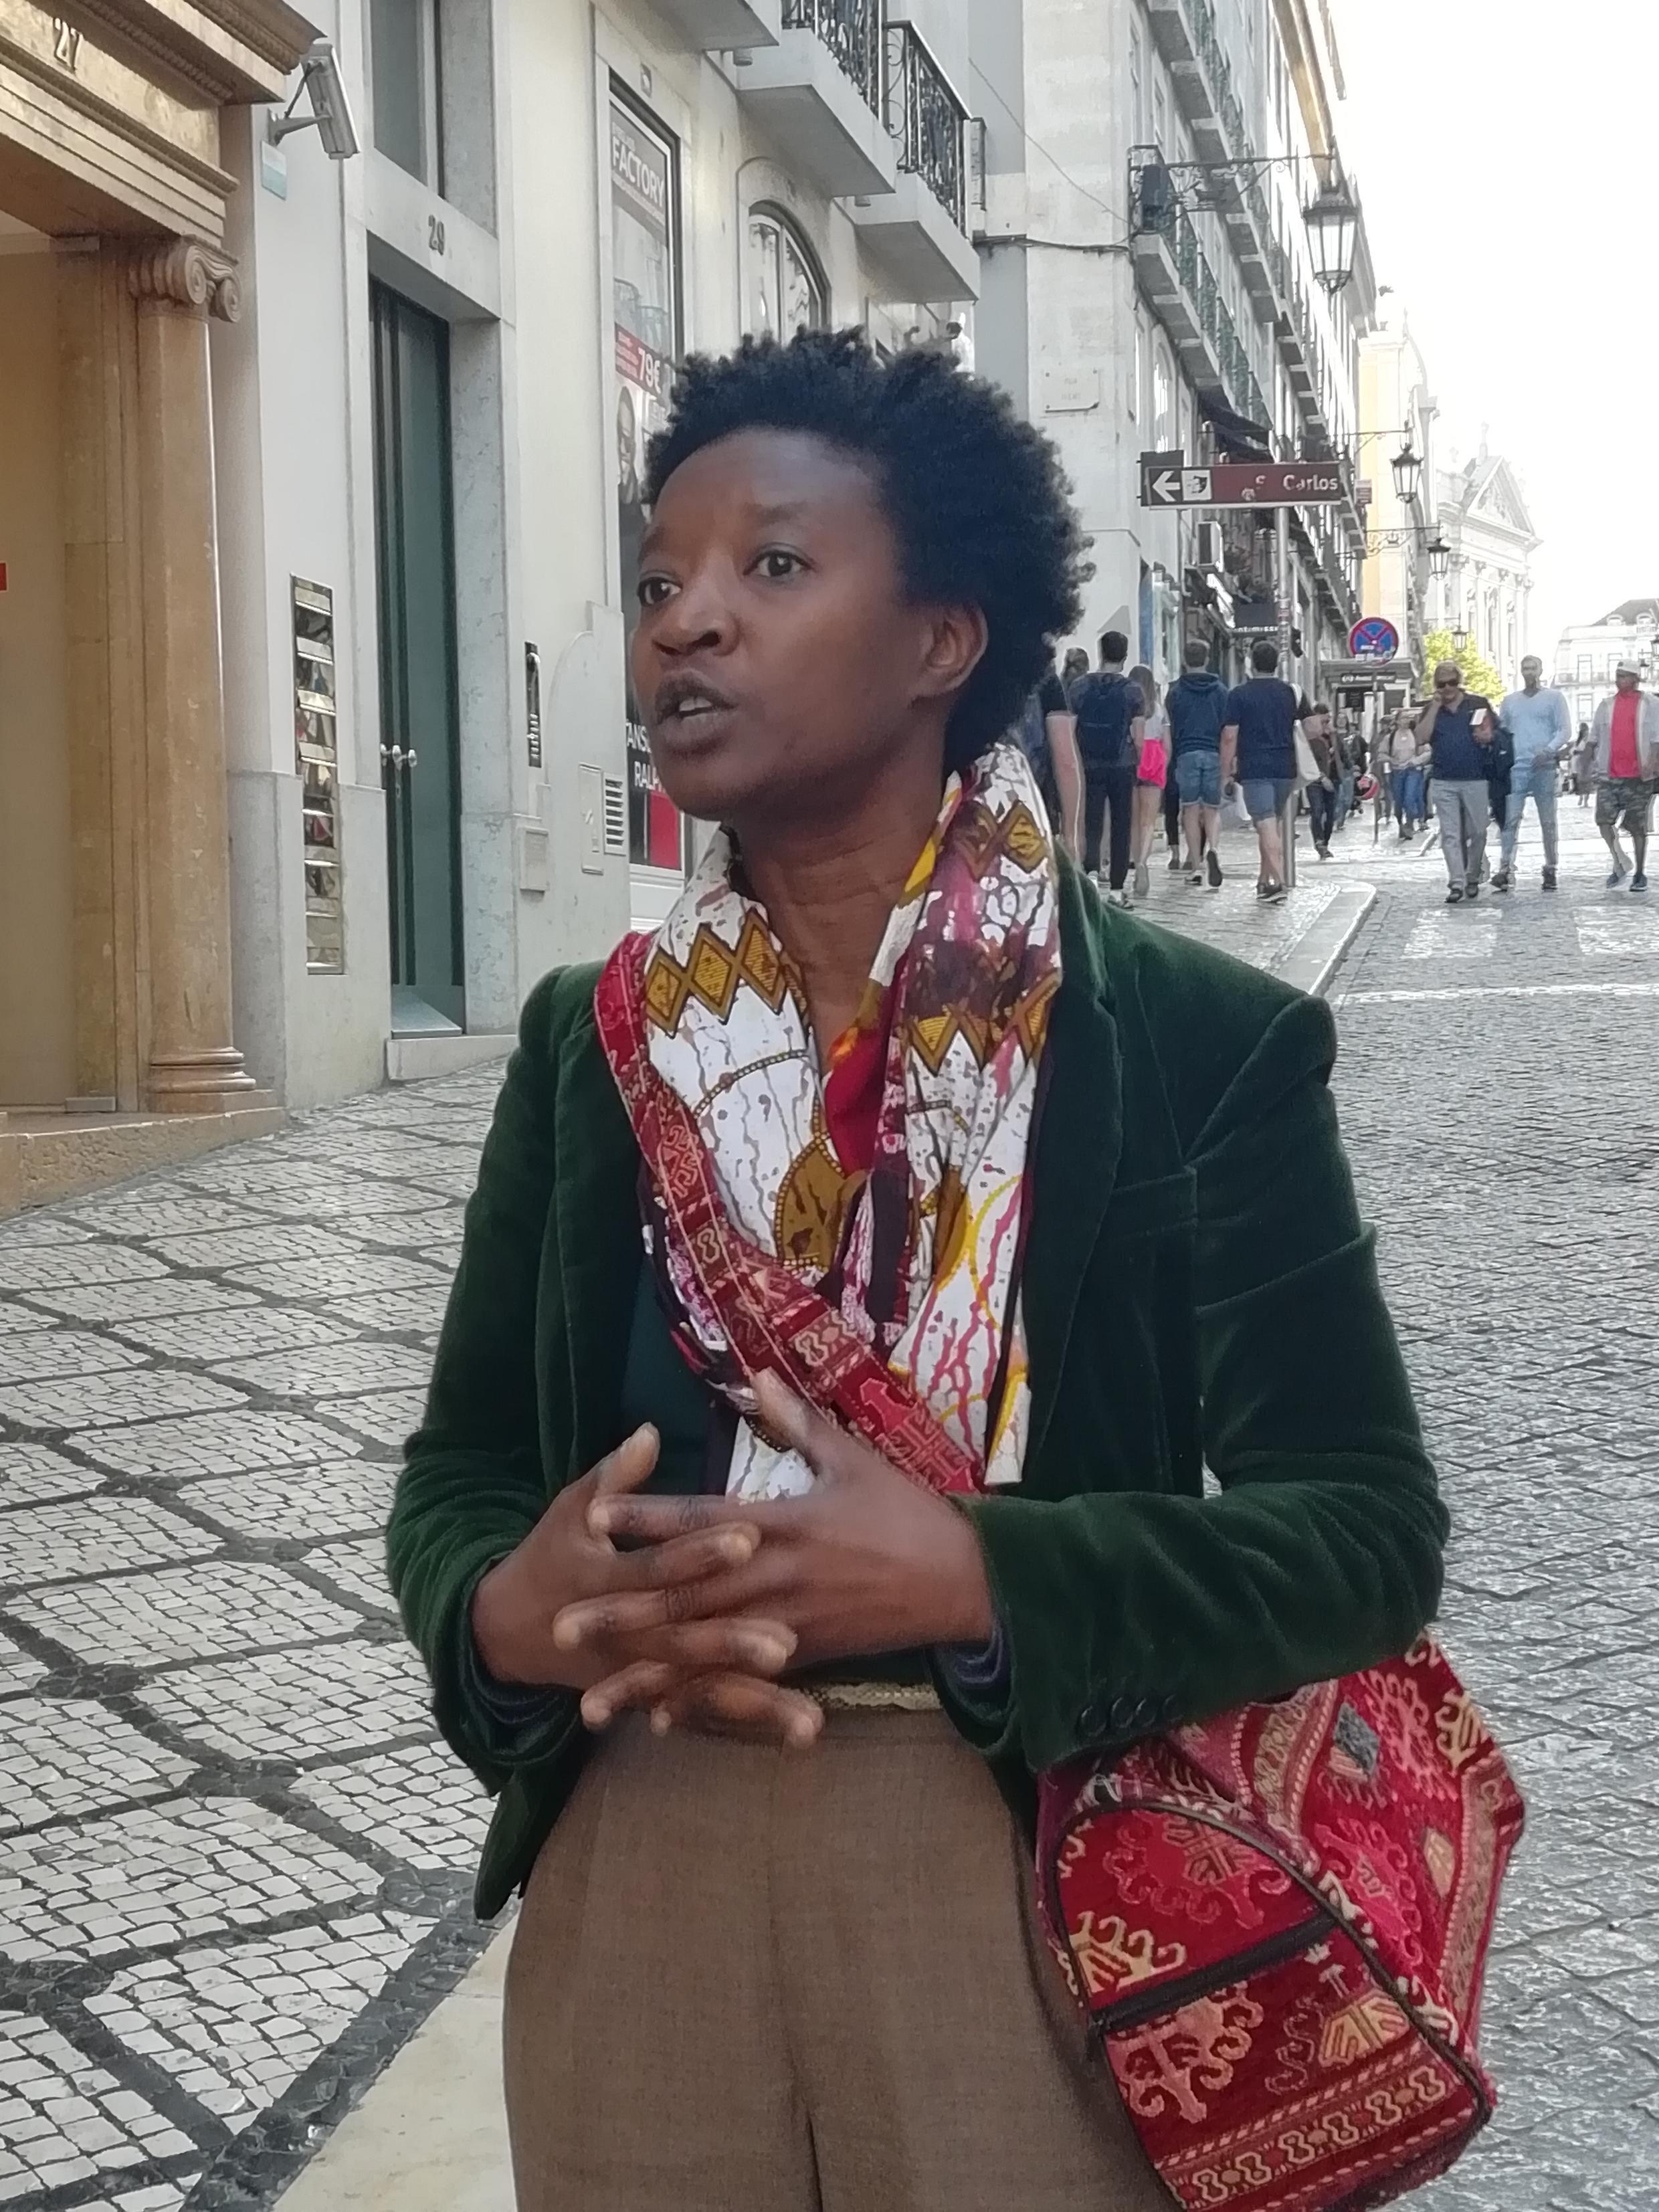 Beatriz Gomes Dias, Presidente da Associação Djass - Associação de Afrodescendentes